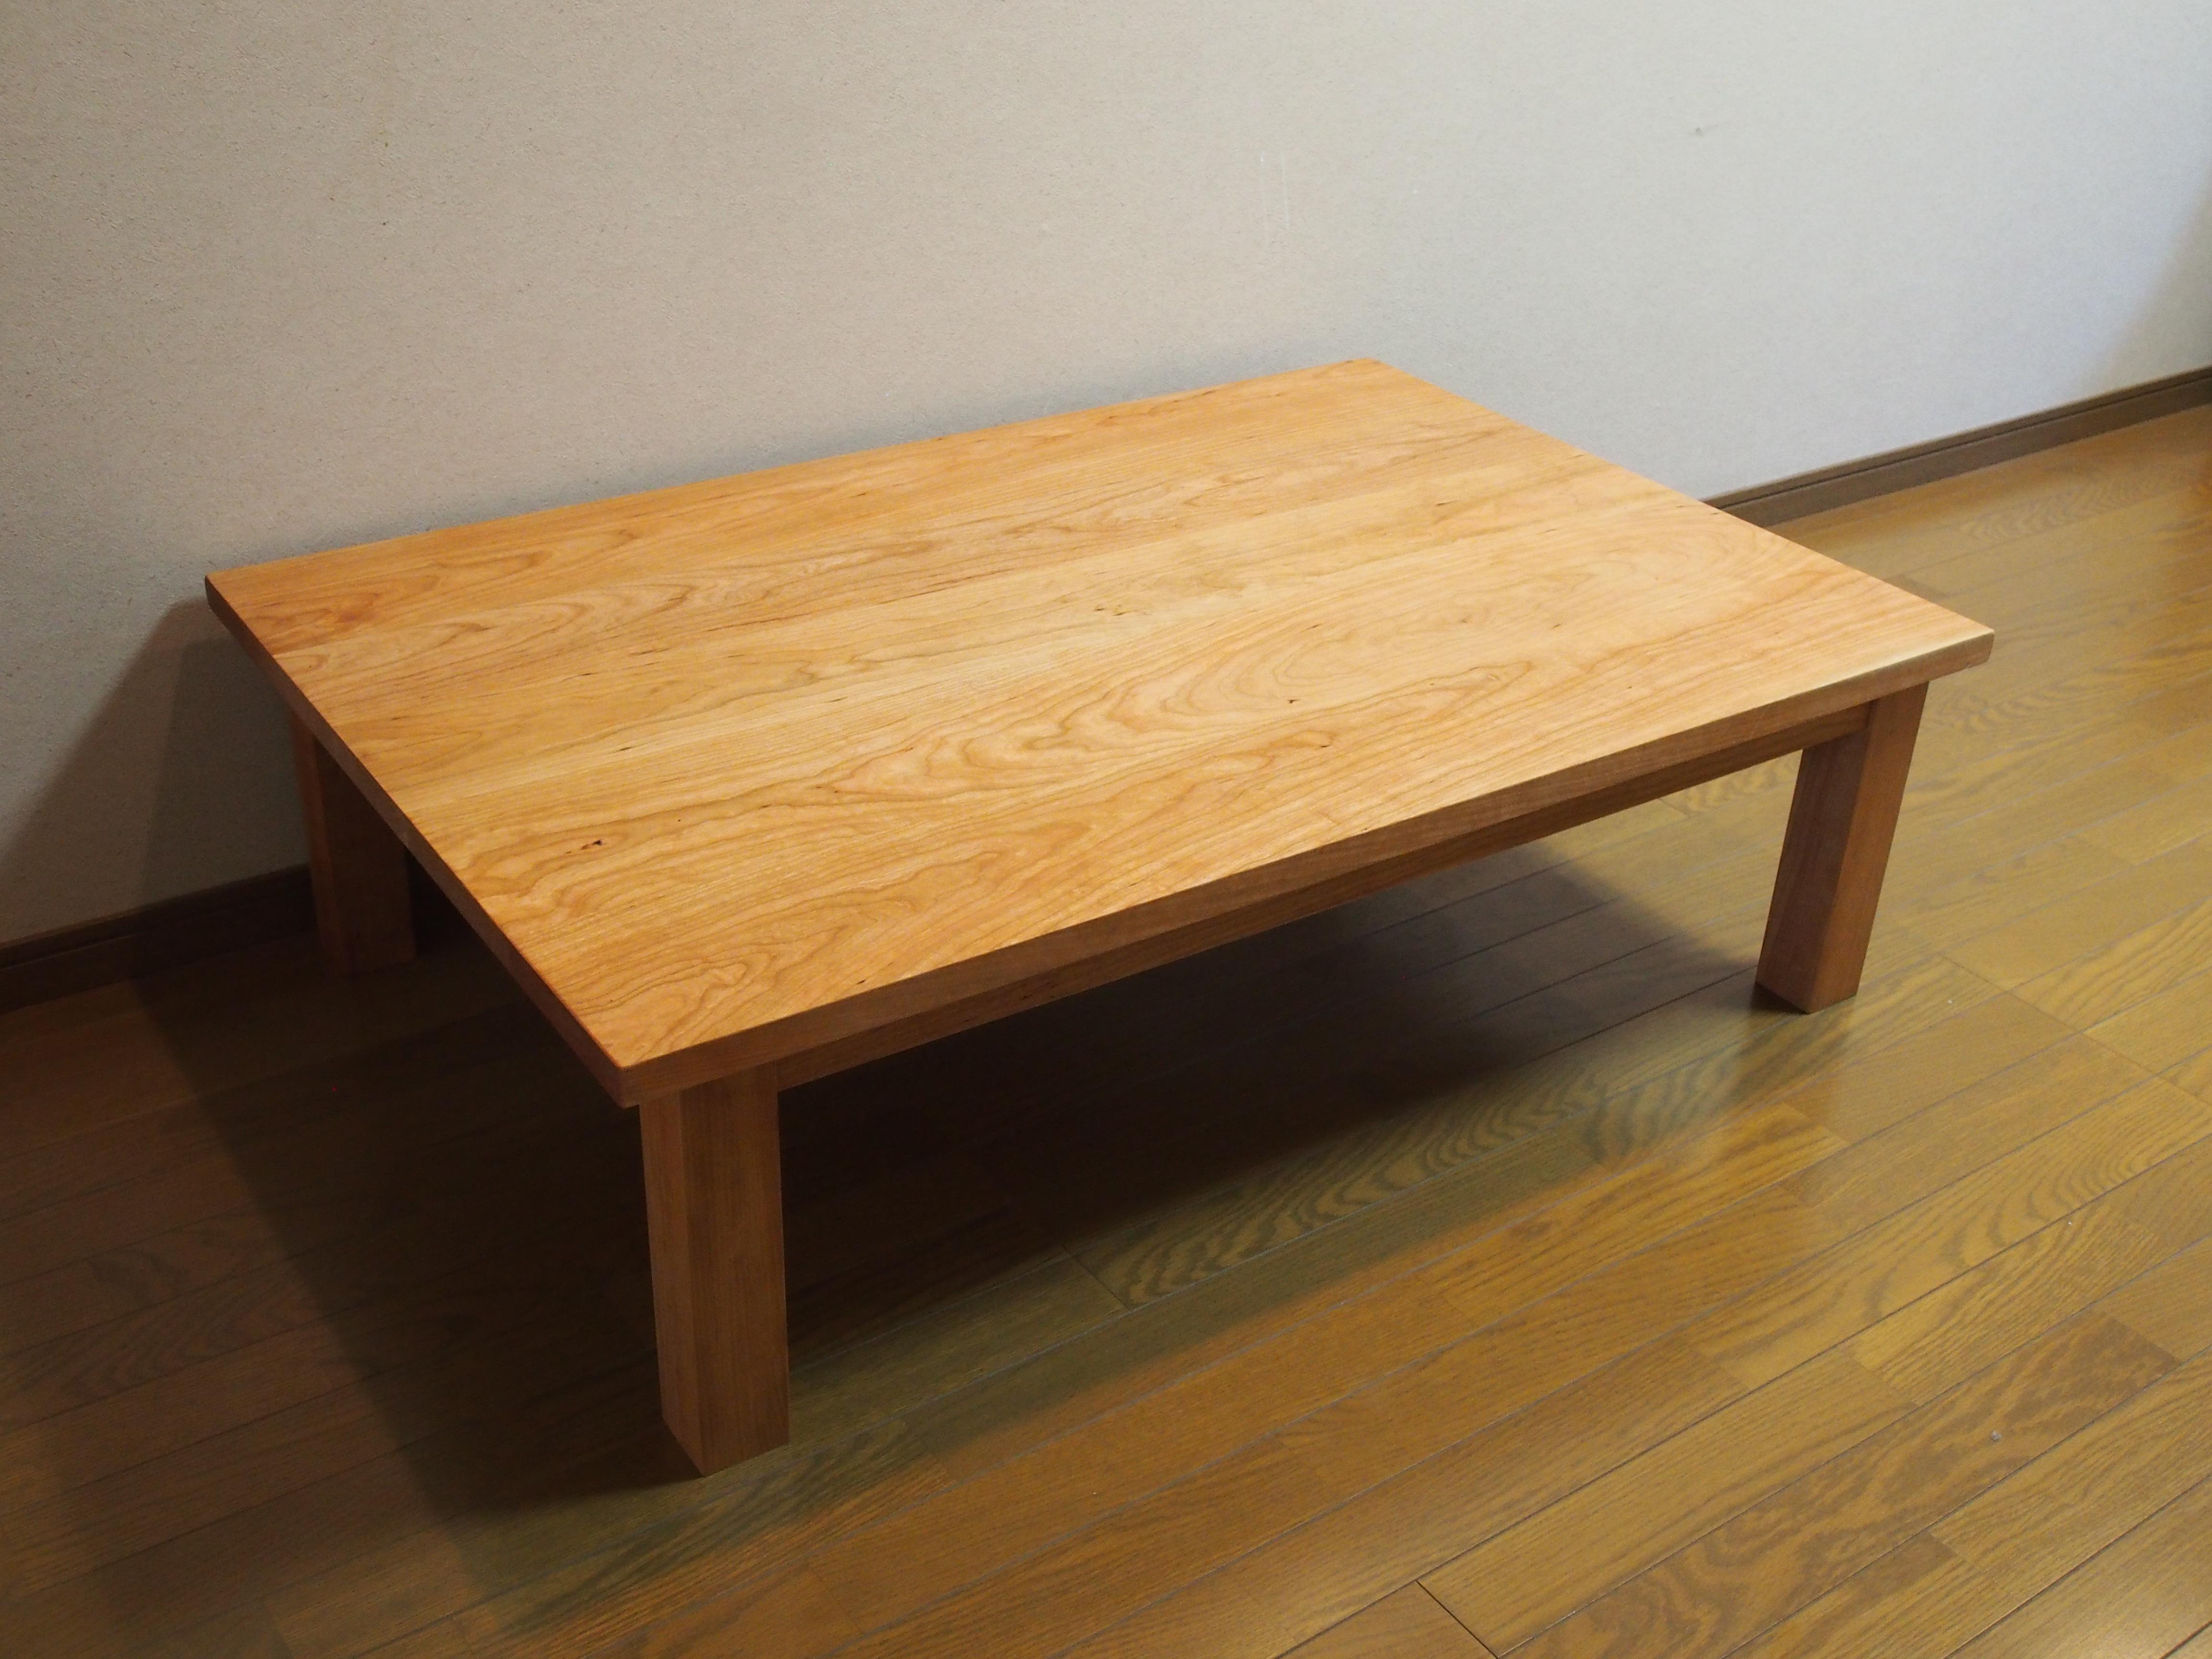 じざい工房 小林康文の無垢材の座卓